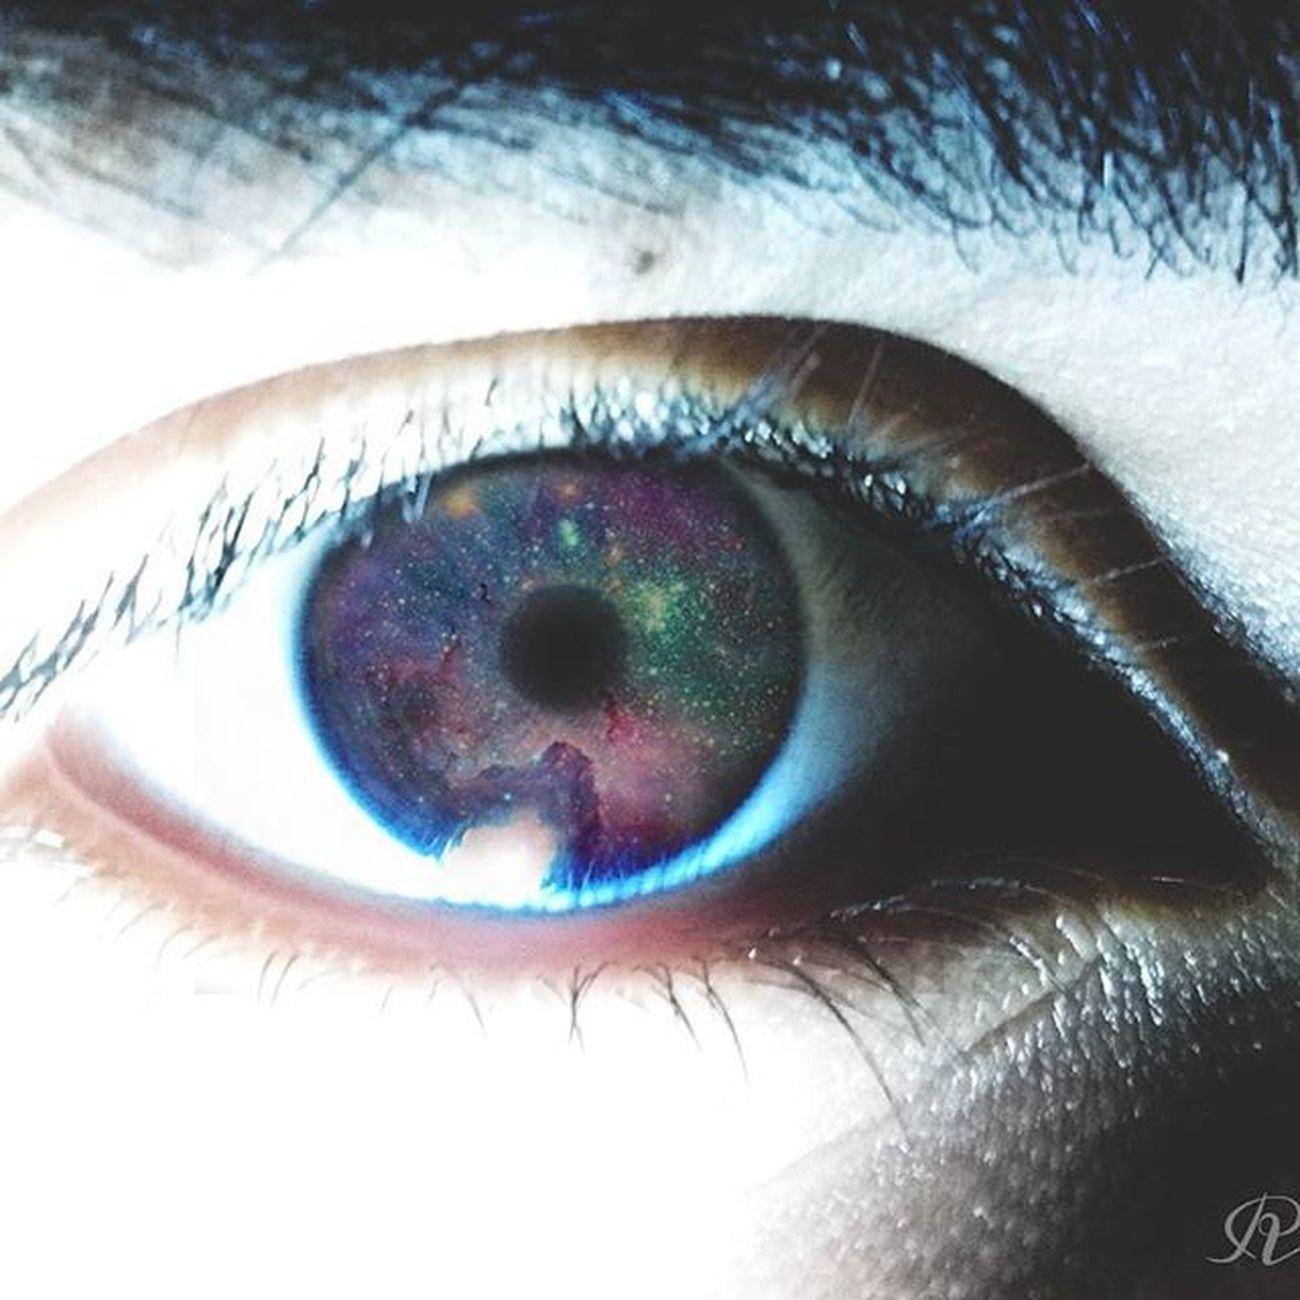 Tus ojos son una Galaxia 😶